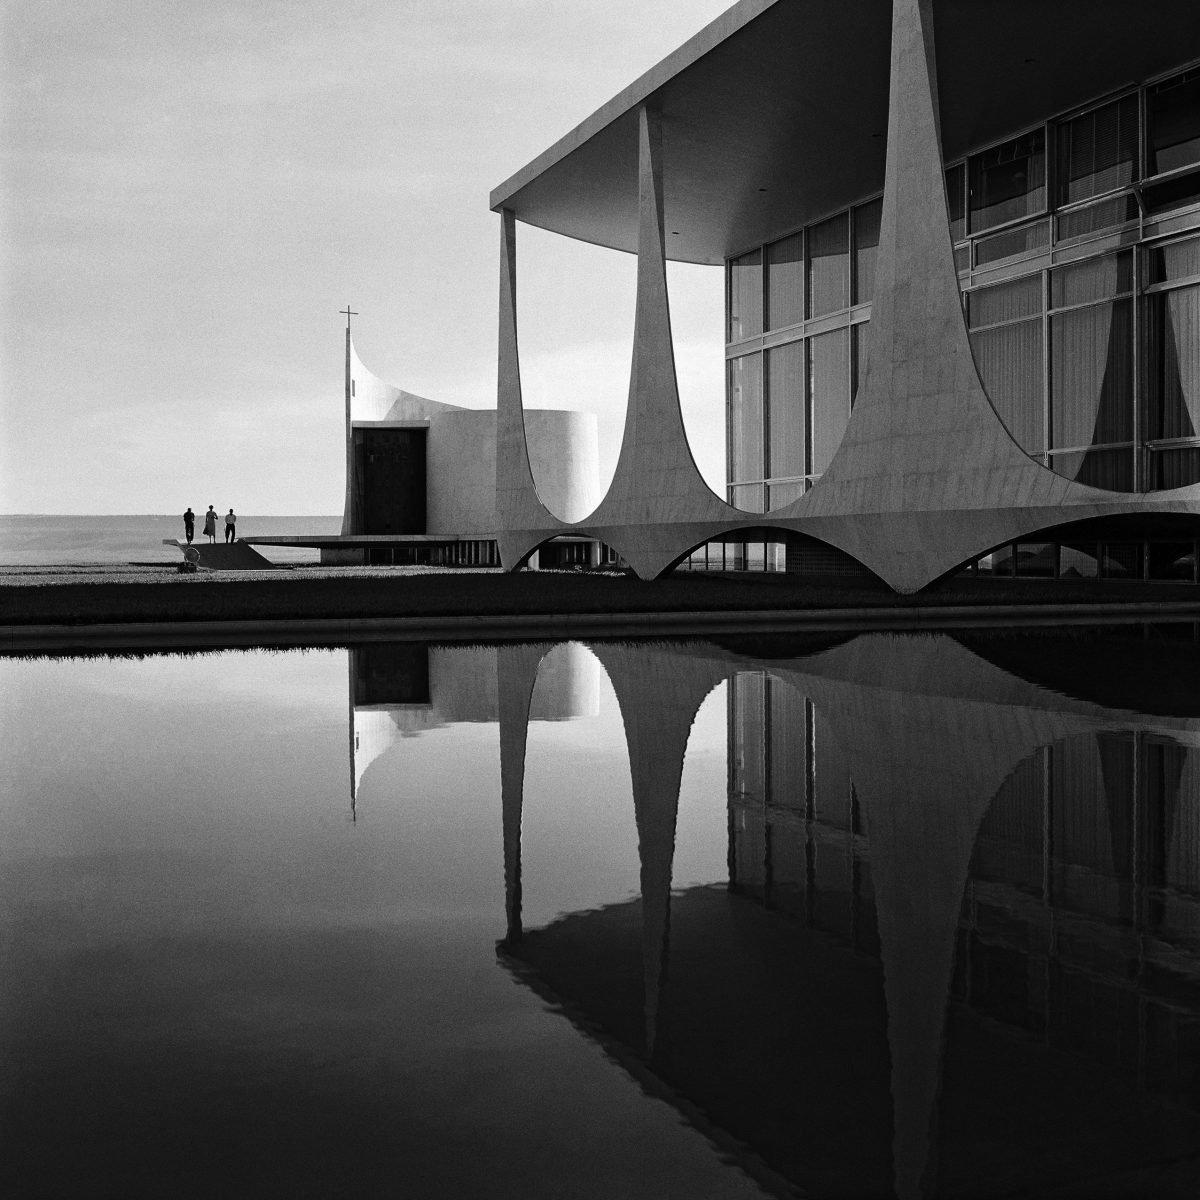 Fotografía arquitectónica en blanco y negro de Marcel Gautherot